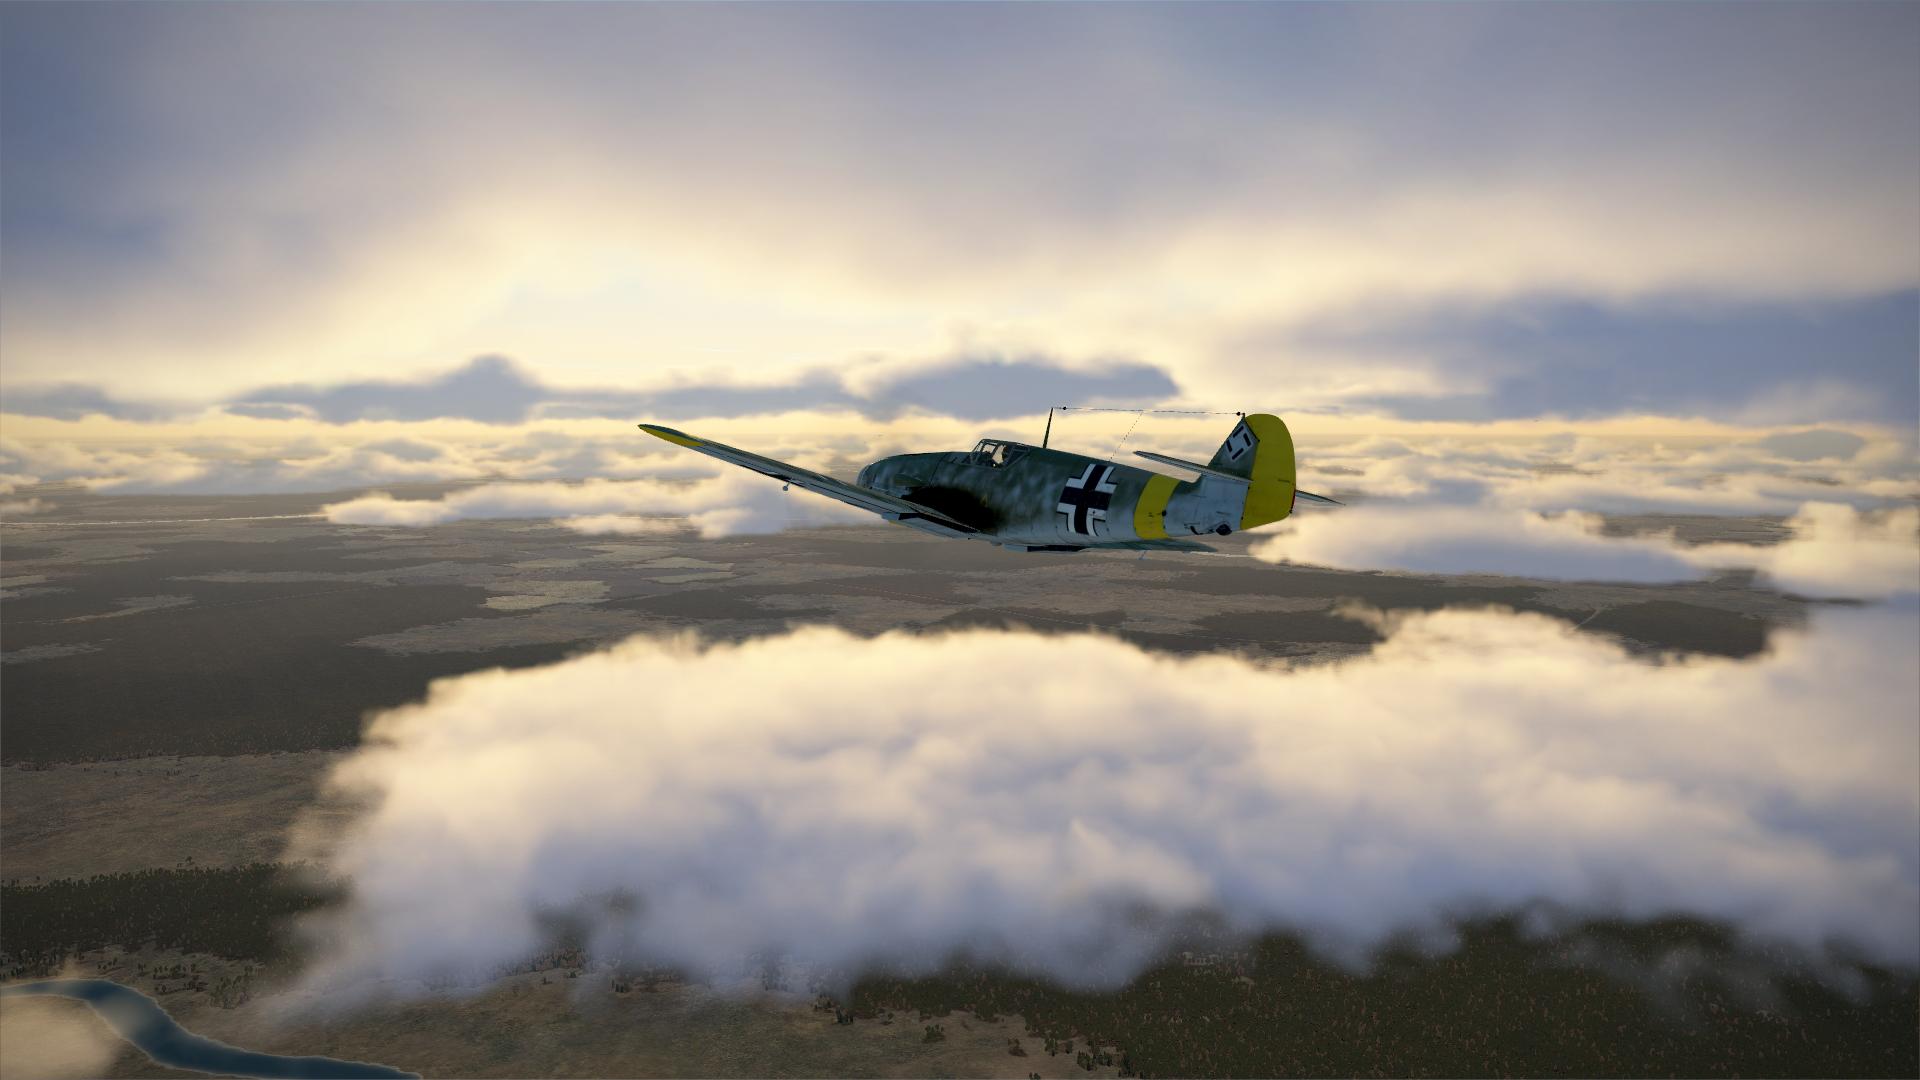 IL-2 Sturmovik Battle of Stalingrad Screenshot 2020.03.23 - 22.36.04.100.png